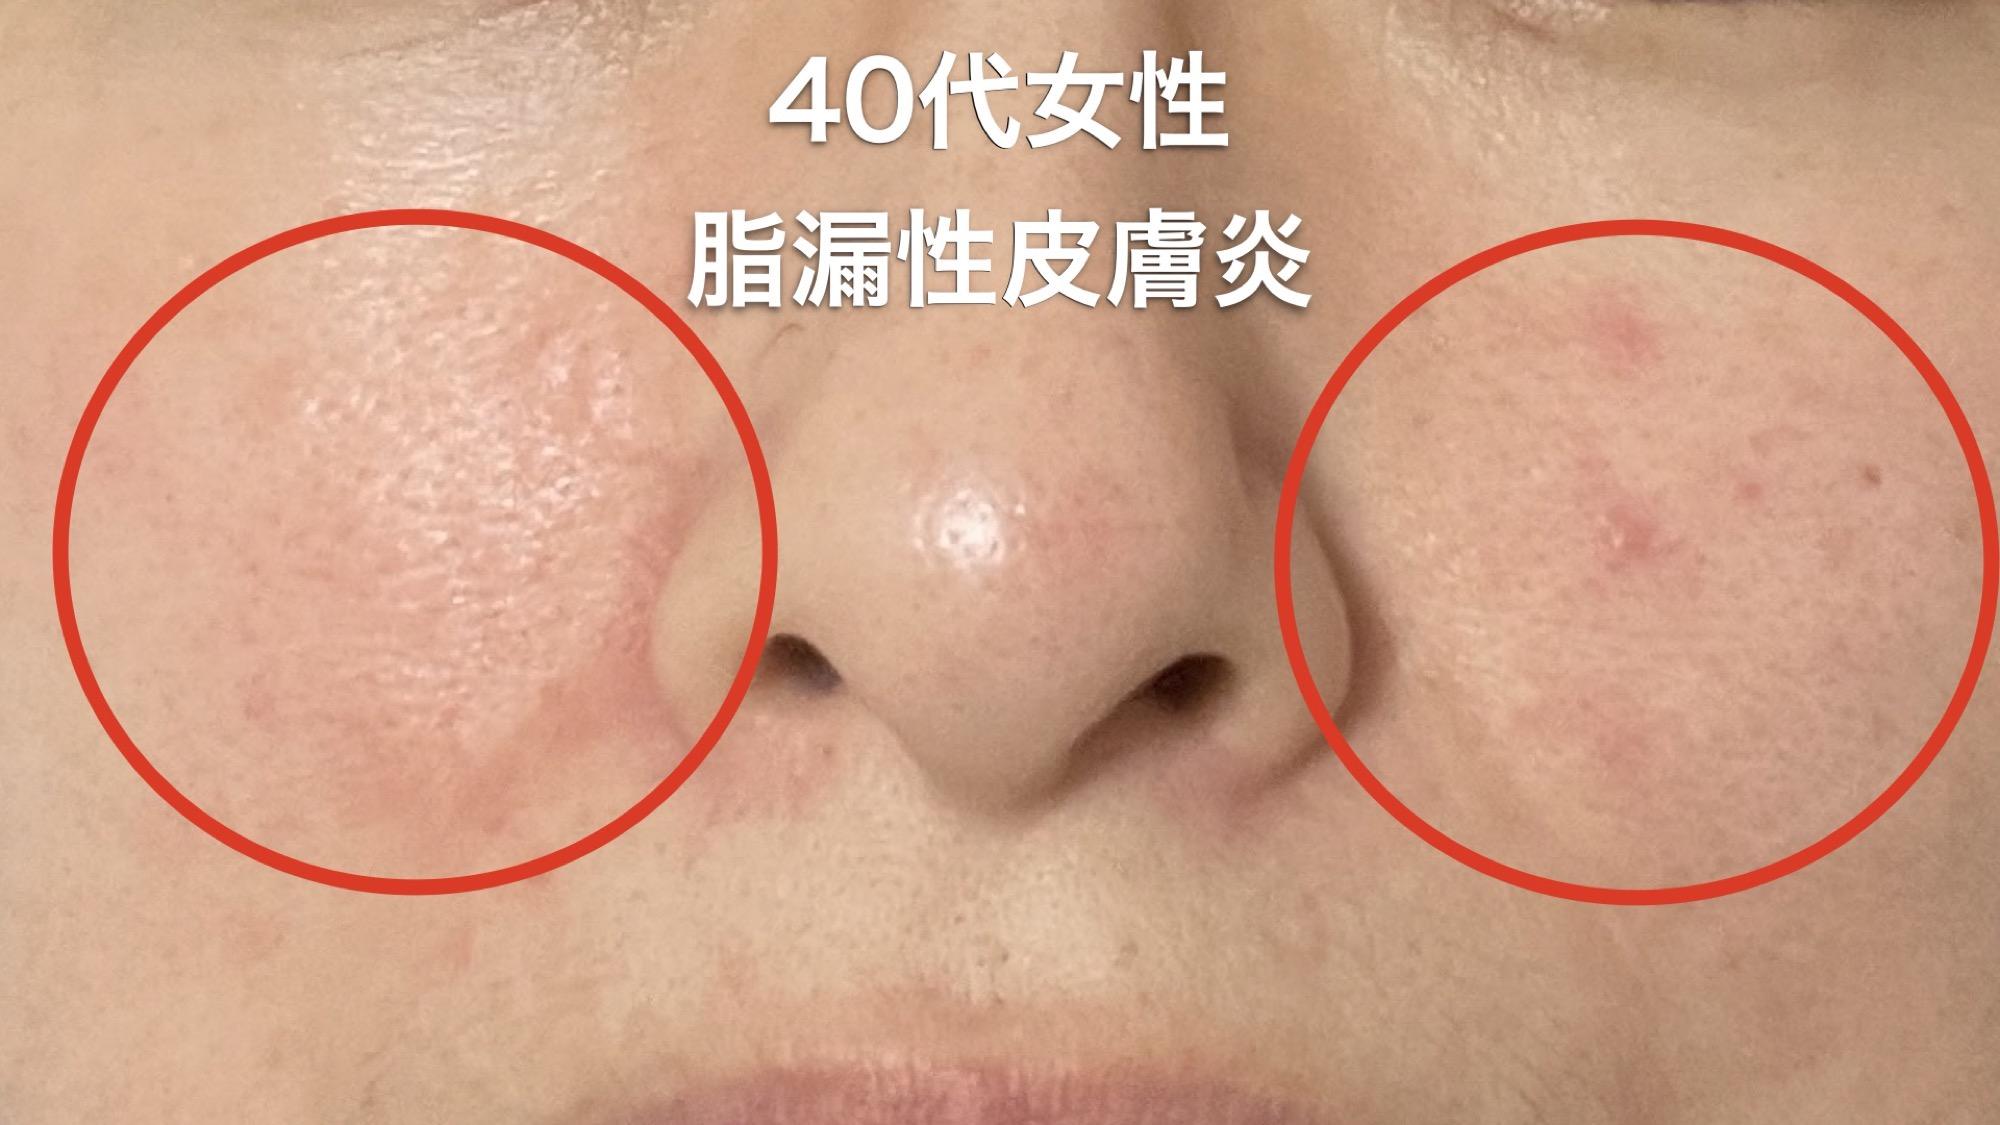 肌荒れの原因が脂漏性皮膚炎だった話(40代女性)